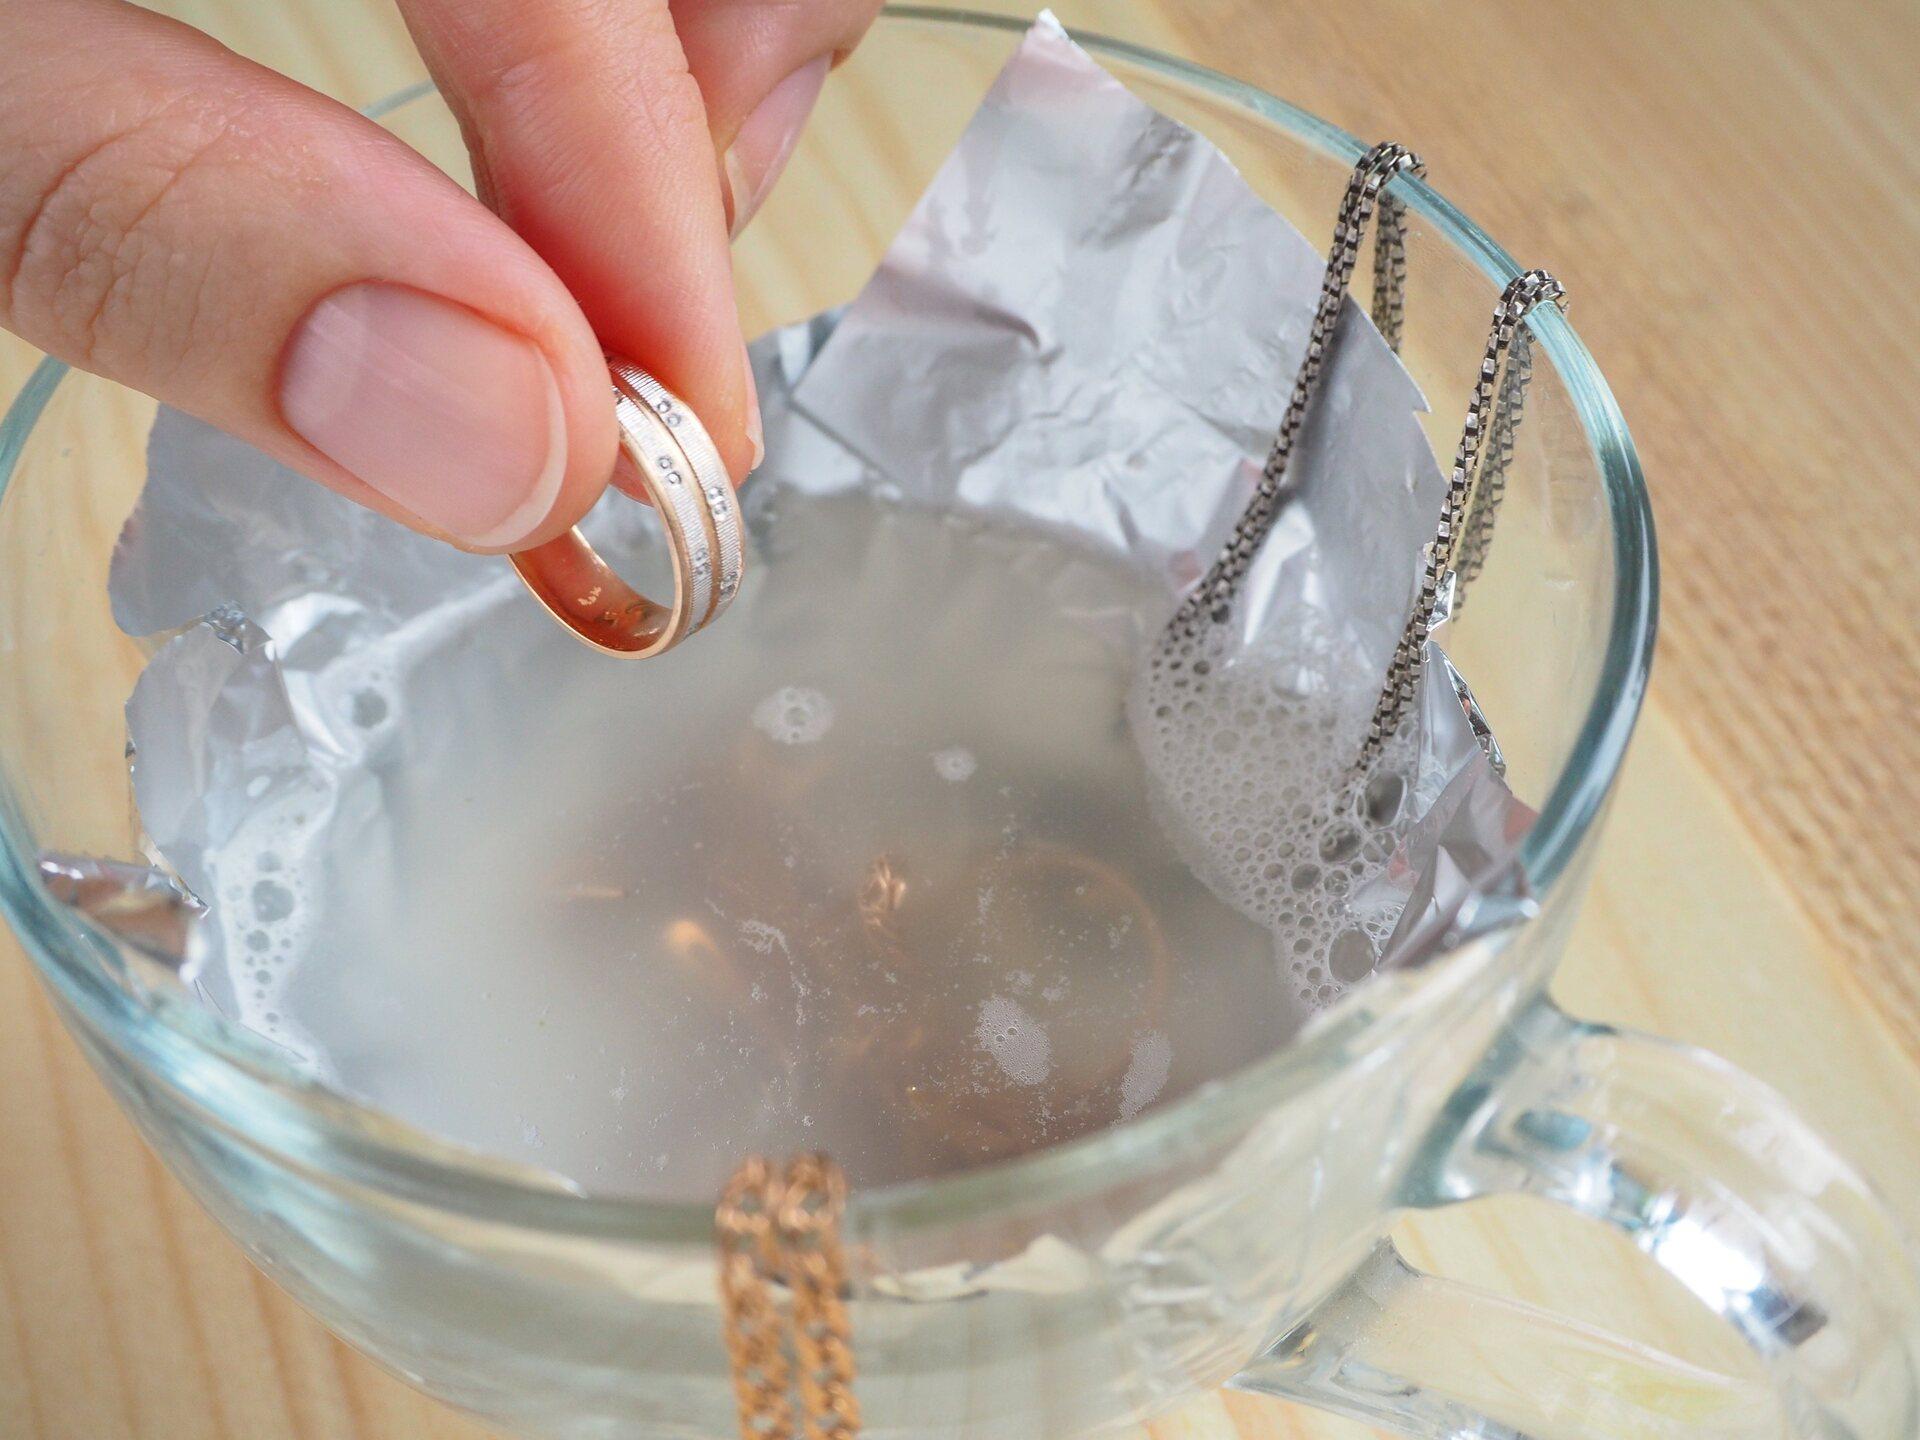 Xícara com água e papel alumínio para clarear alianças de prata